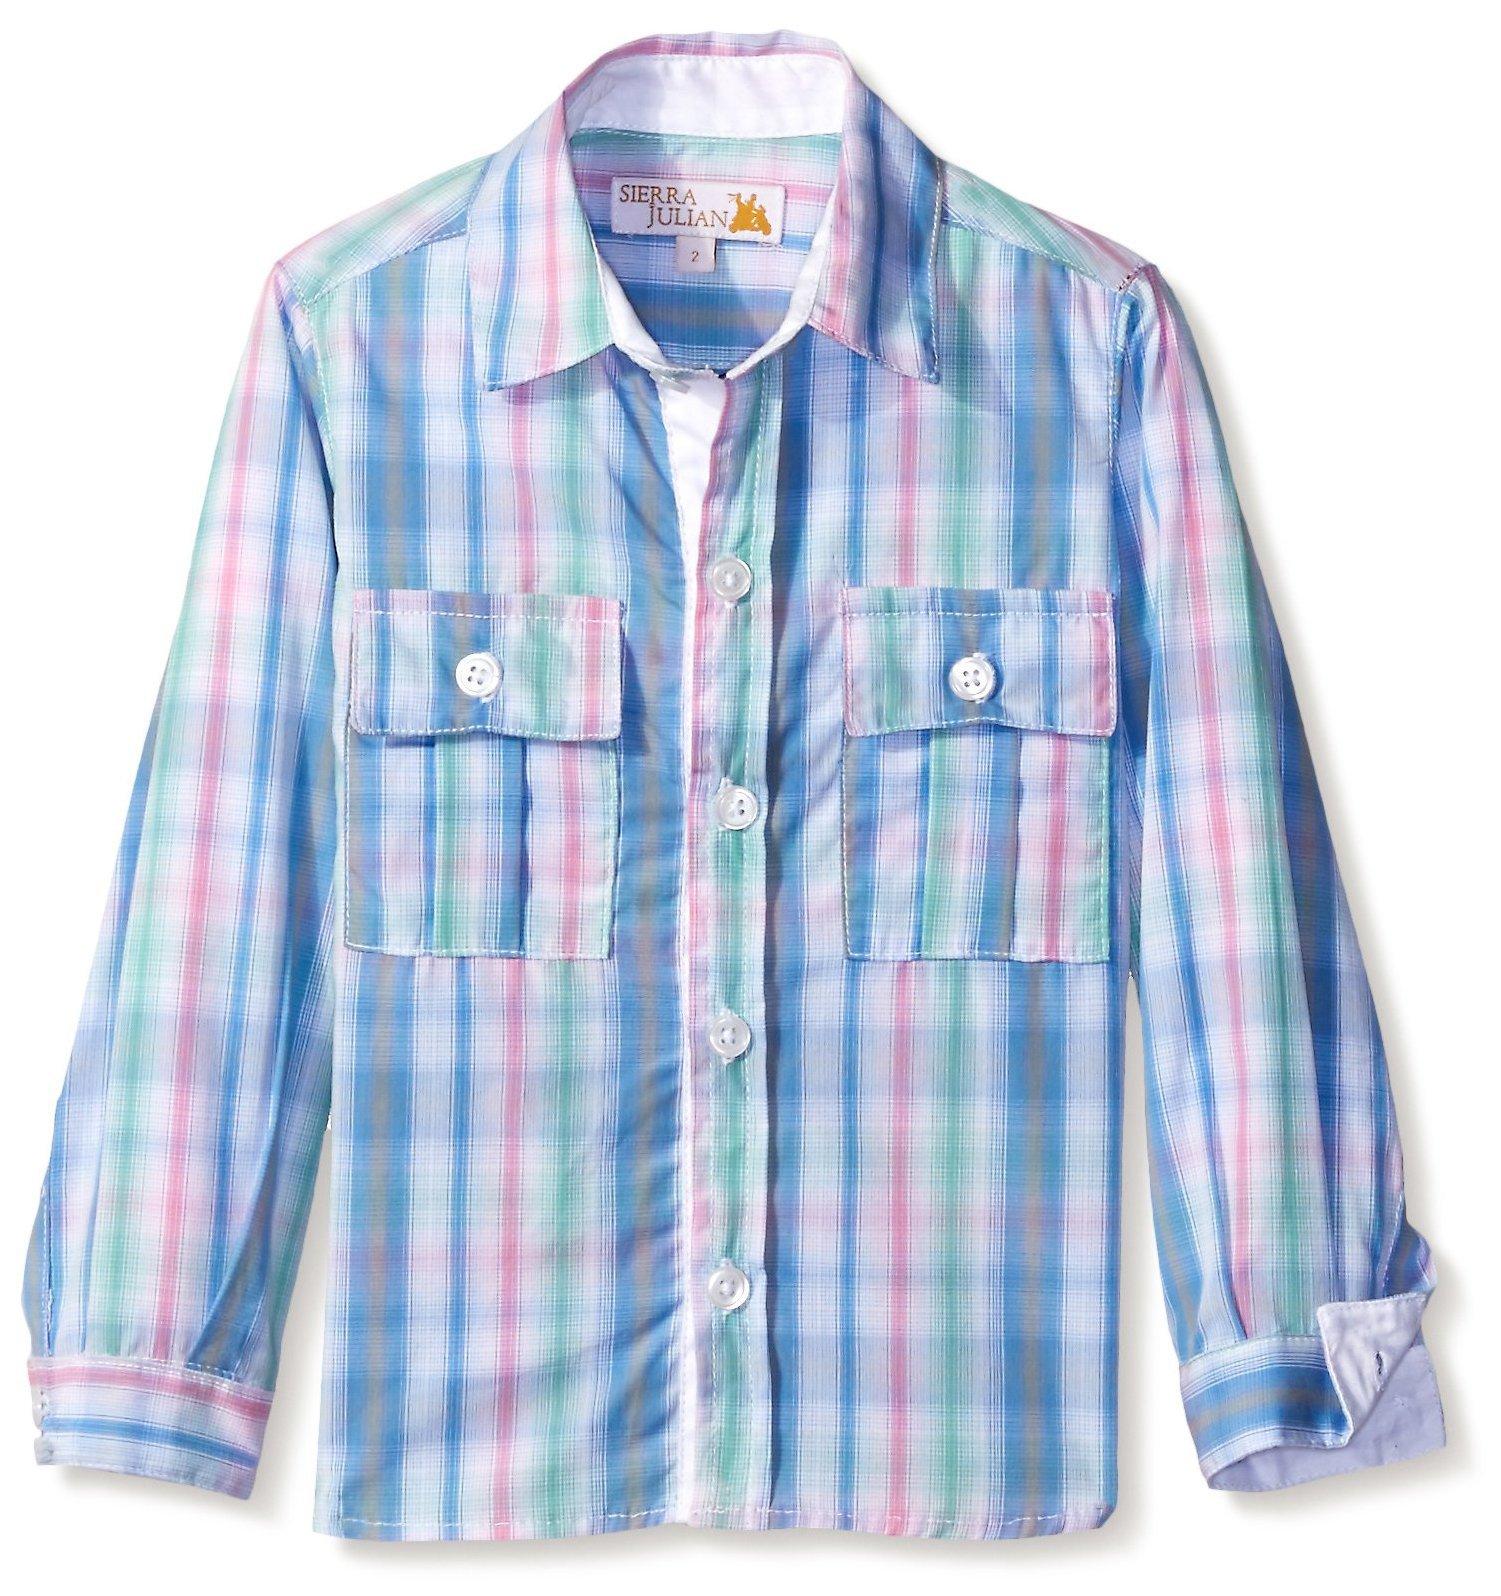 SIERRA JULIAN Boy's Mairo Button-up Shirt, Light Blue, 6 Years